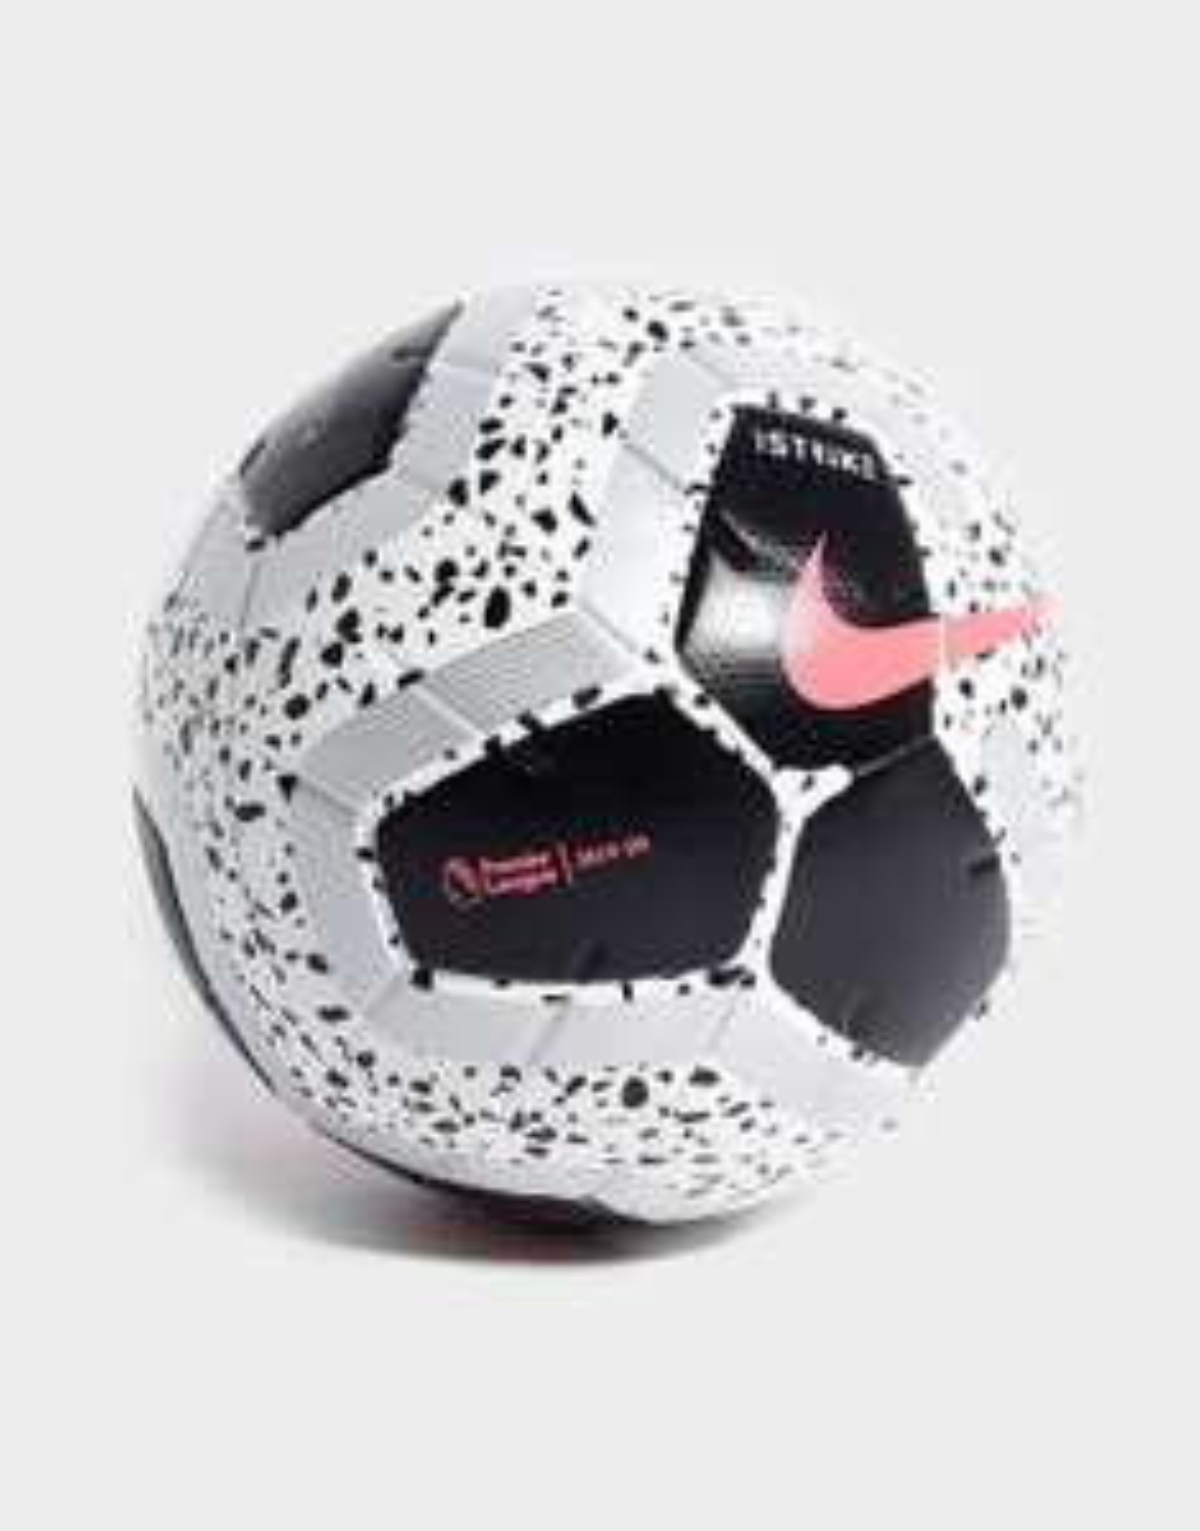 NIKE Premier League Fußball für 6€ (in 4 Farben) @ JD Sports